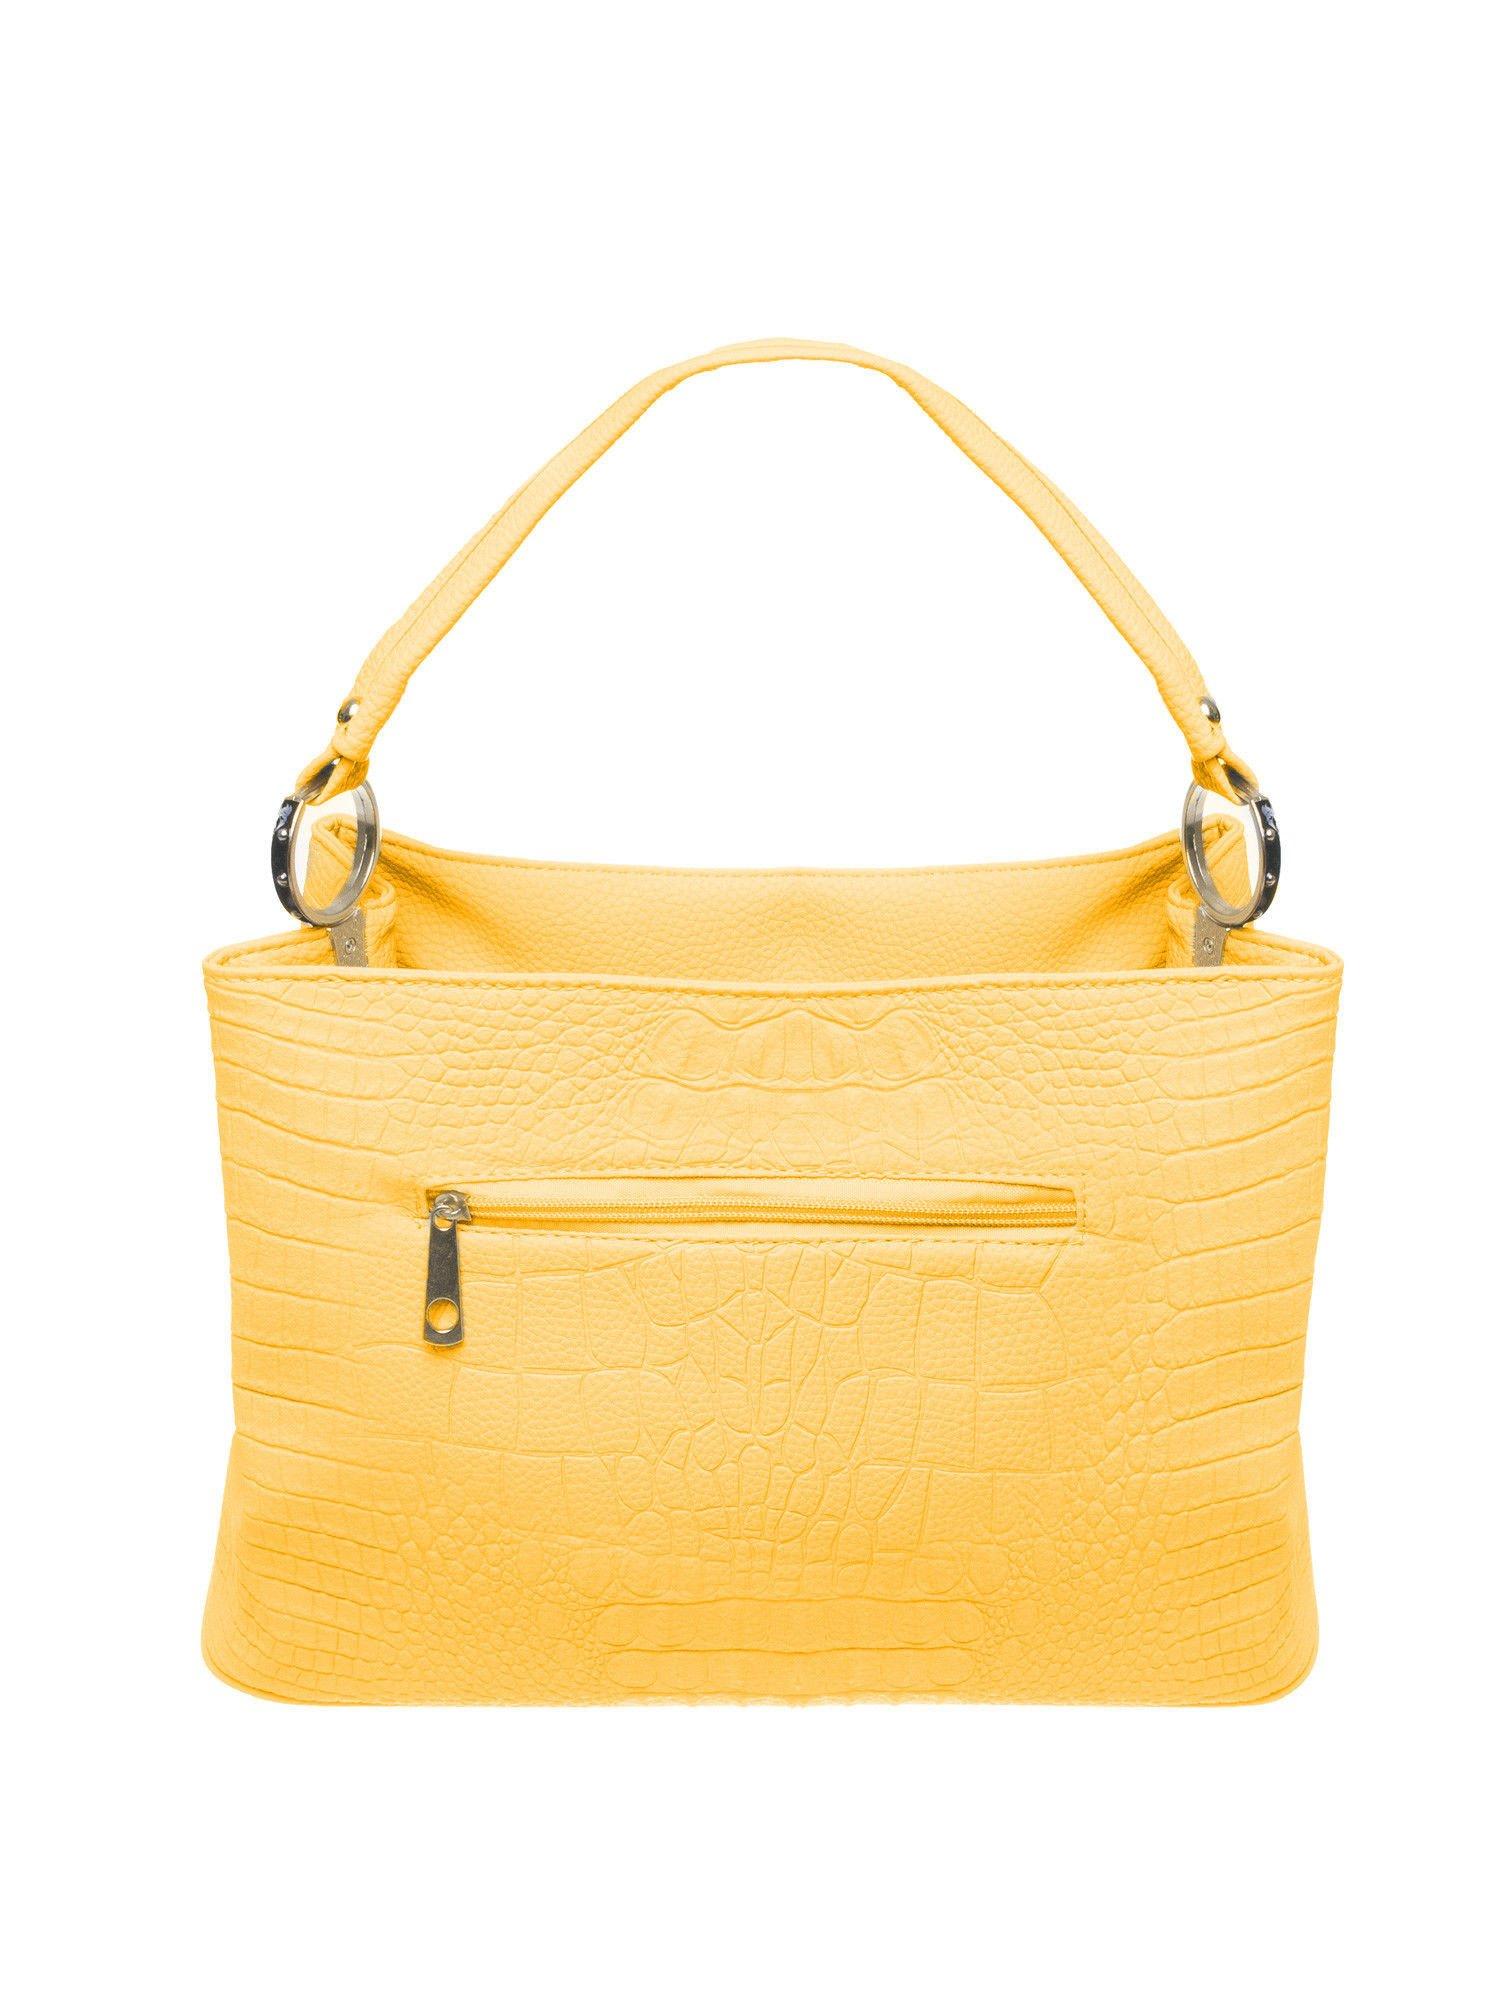 36b6dae62e9a3 Żółta torebka na ramię tłoczona na wzór skóry krokodyla - Akcesoria ...